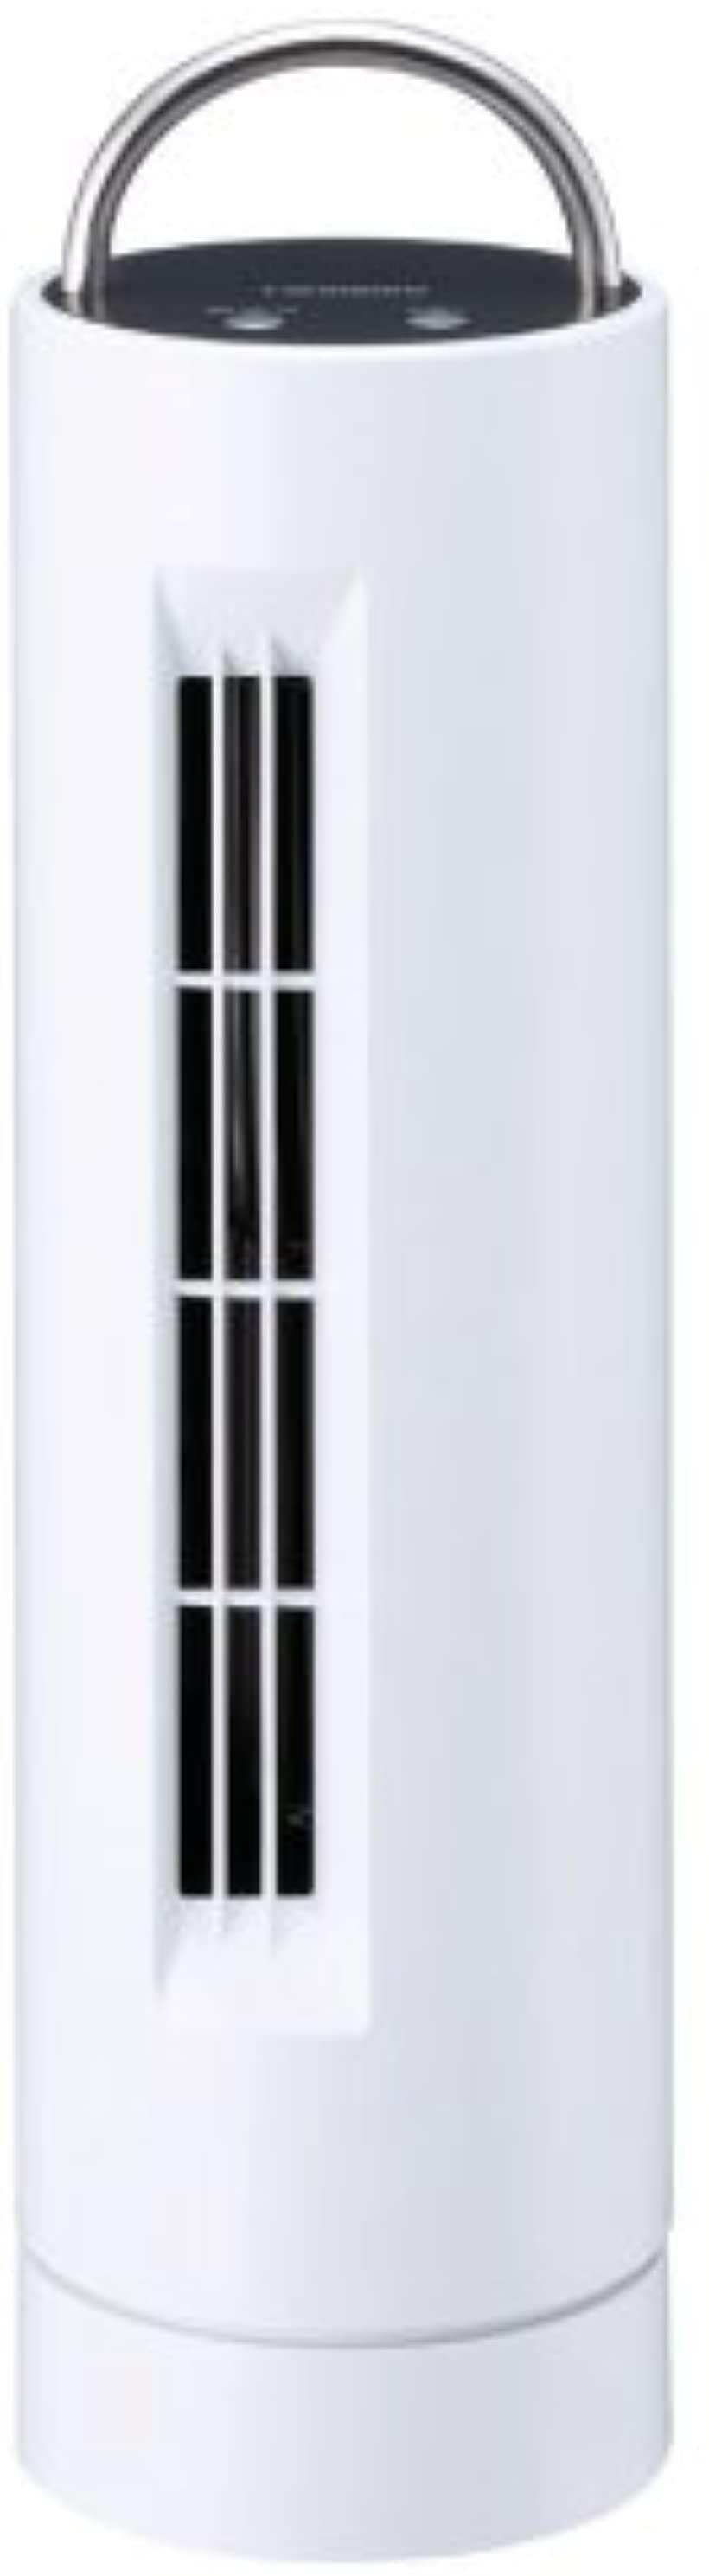 ミニタワーファン[EF-4938W](ホワイト)